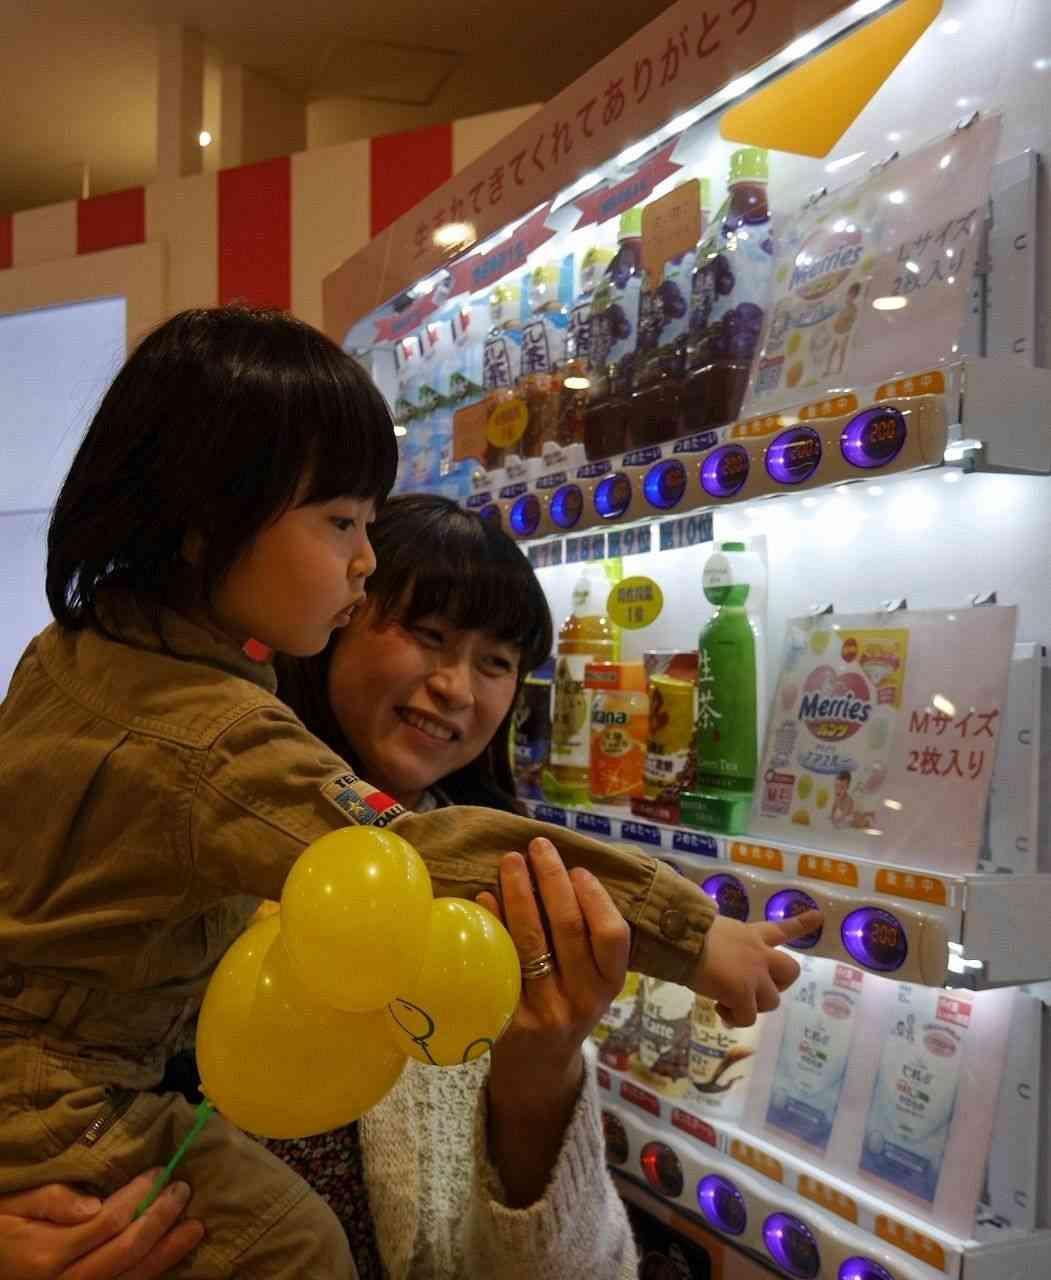 紙おむつ、自販機で イクメンの提案実現|カナロコ|神奈川新聞ニュース